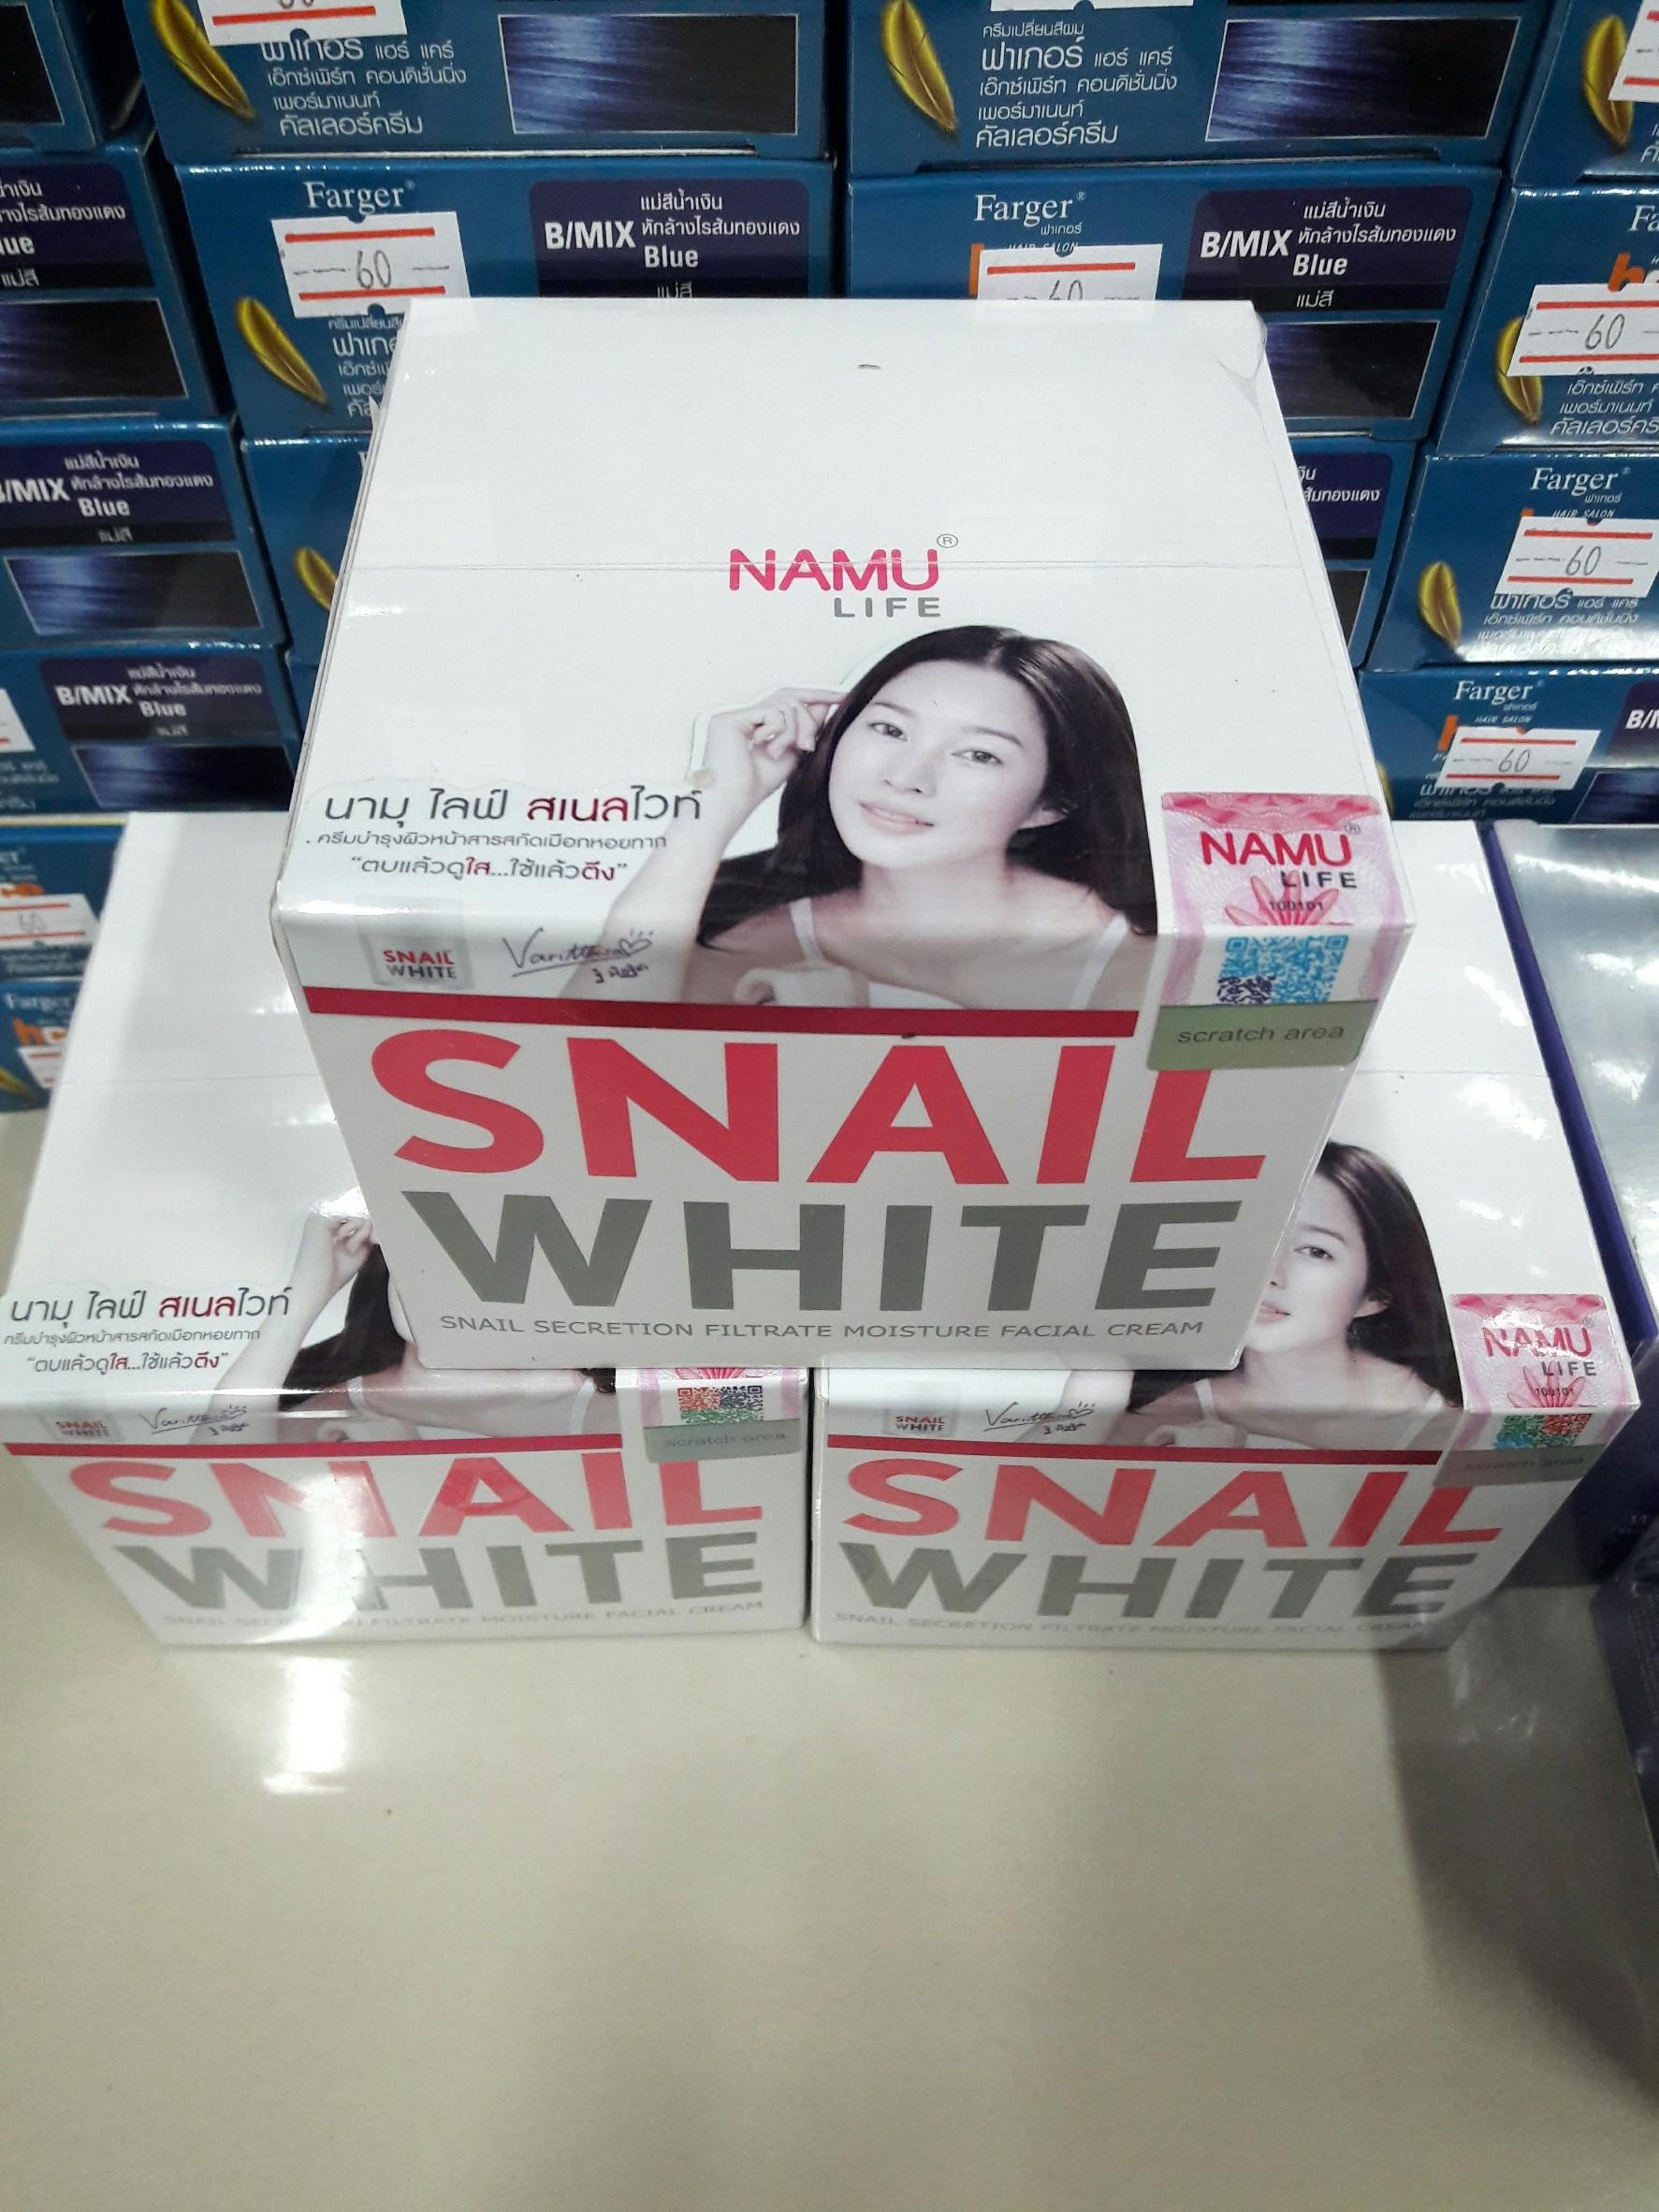 SNAIL WHITE สเนลไวท์ ครีมหอยขาว ตบแล้วใส ใช้แล้วตึง 50 g.